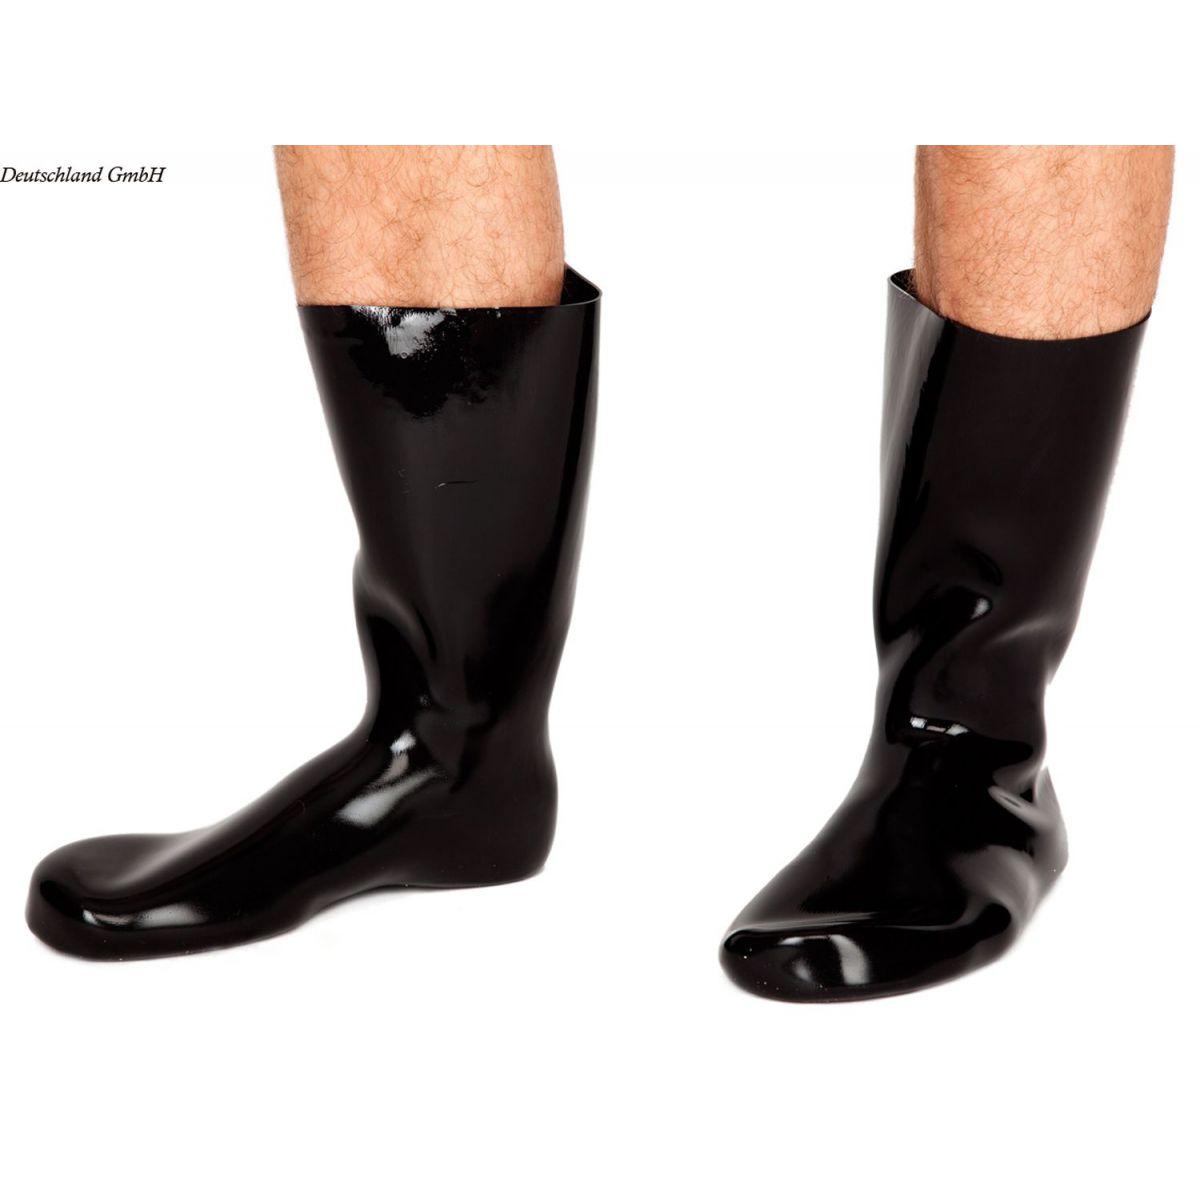 Calcetines de látex estilo botas